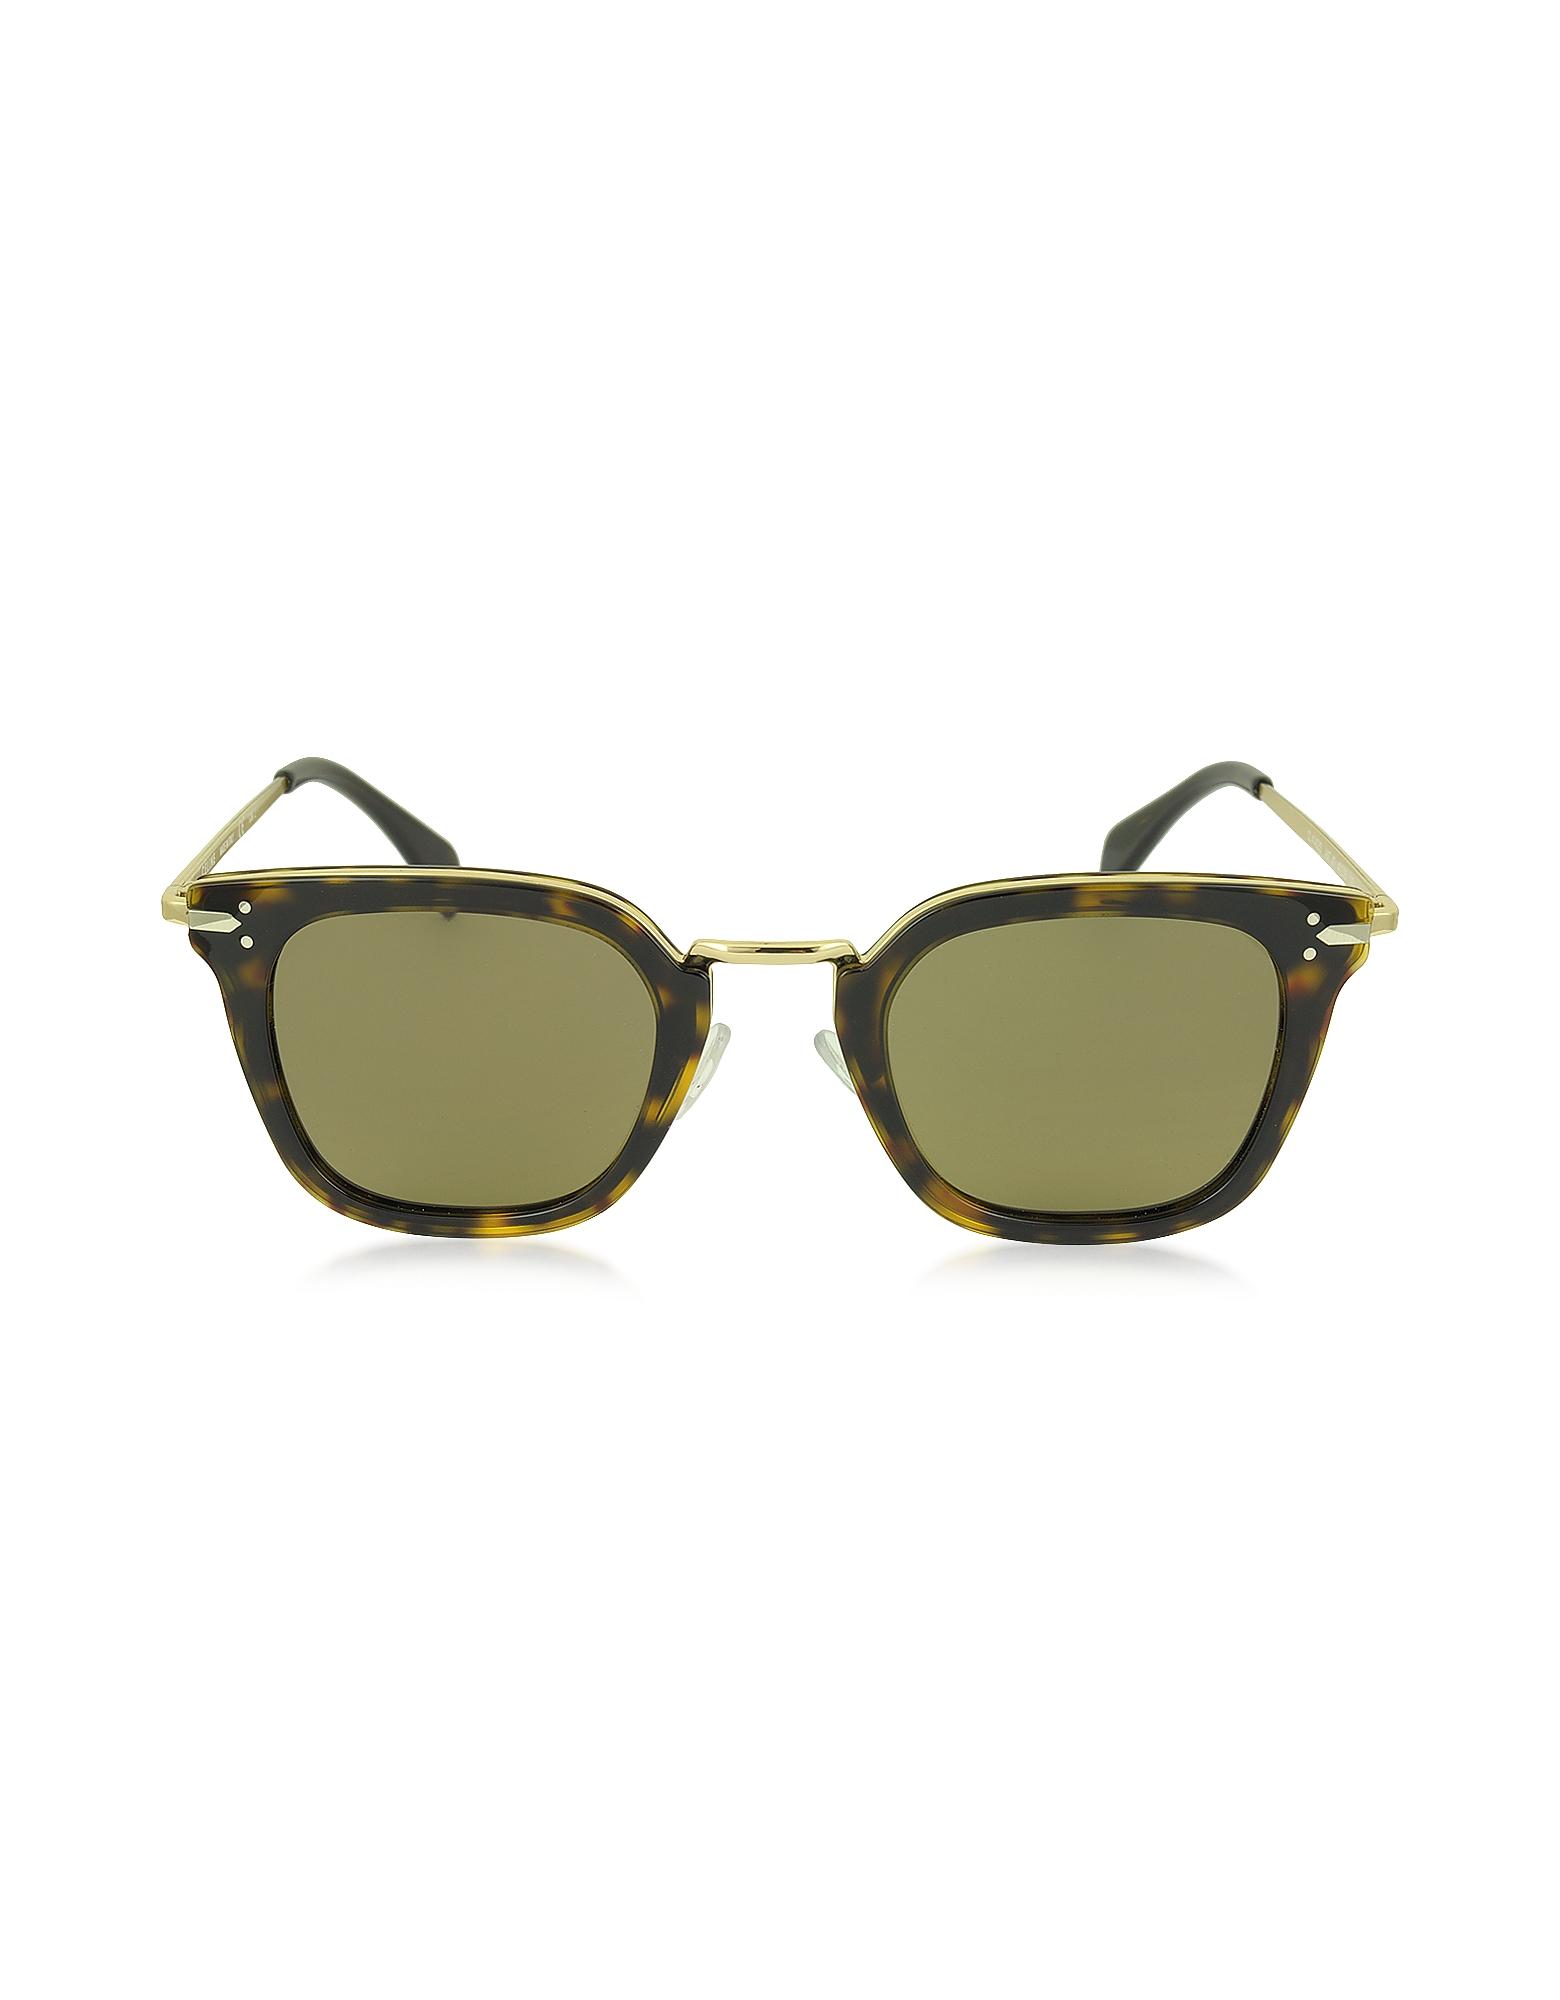 VIC CL 41402/S - Женские Солнечные Очки Кошачий Глаз из Ацетата и Золотистого Металла